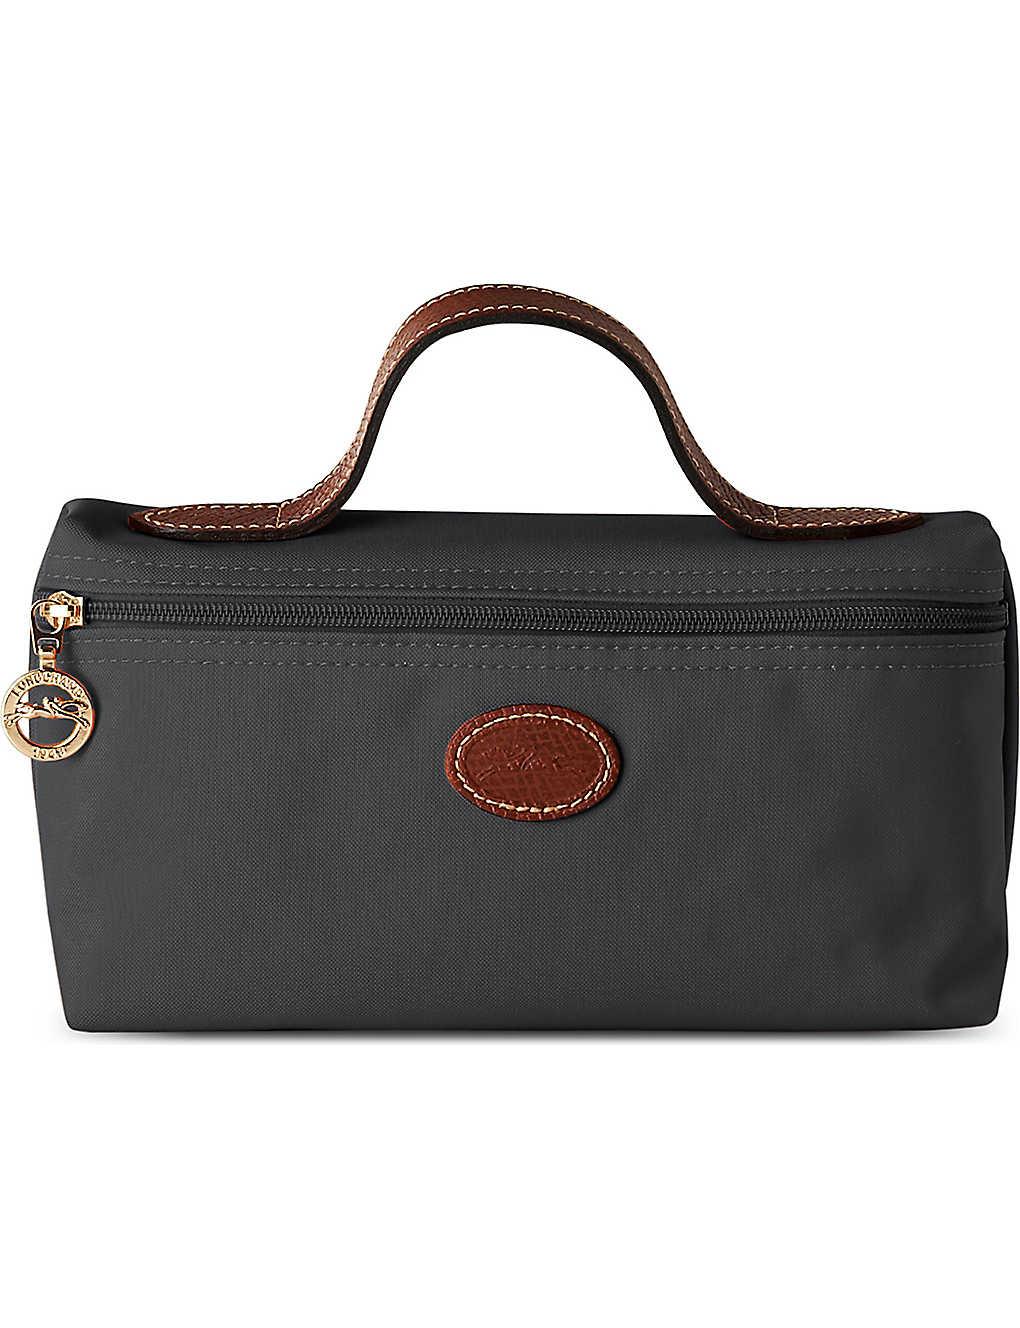 2c1afd05514 LONGCHAMP - Le Pliage make-up bag | Selfridges.com